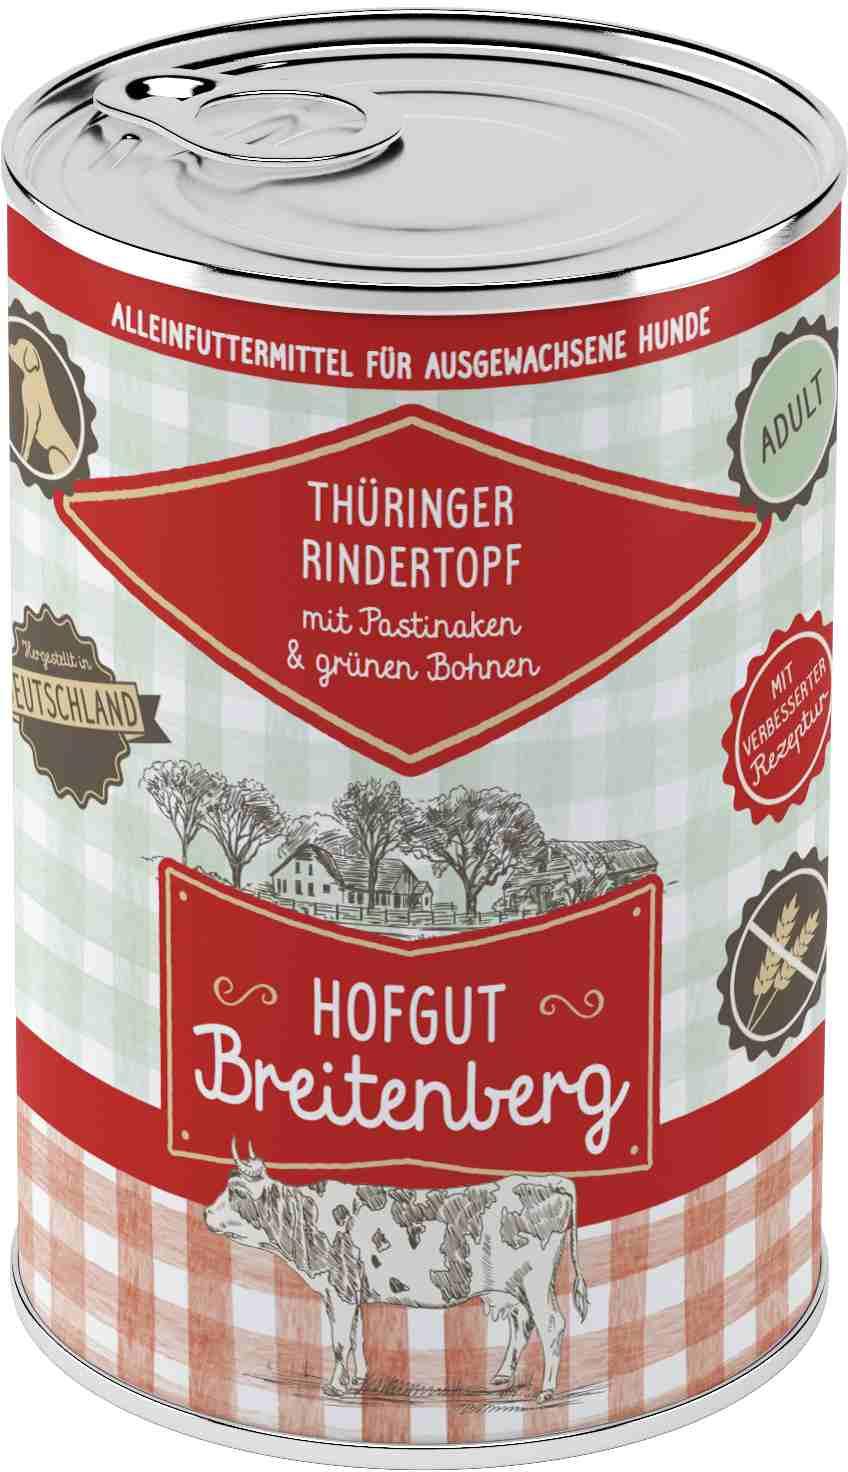 Hofgut Breitenberg Dog Thüringer Rindertopf 400g